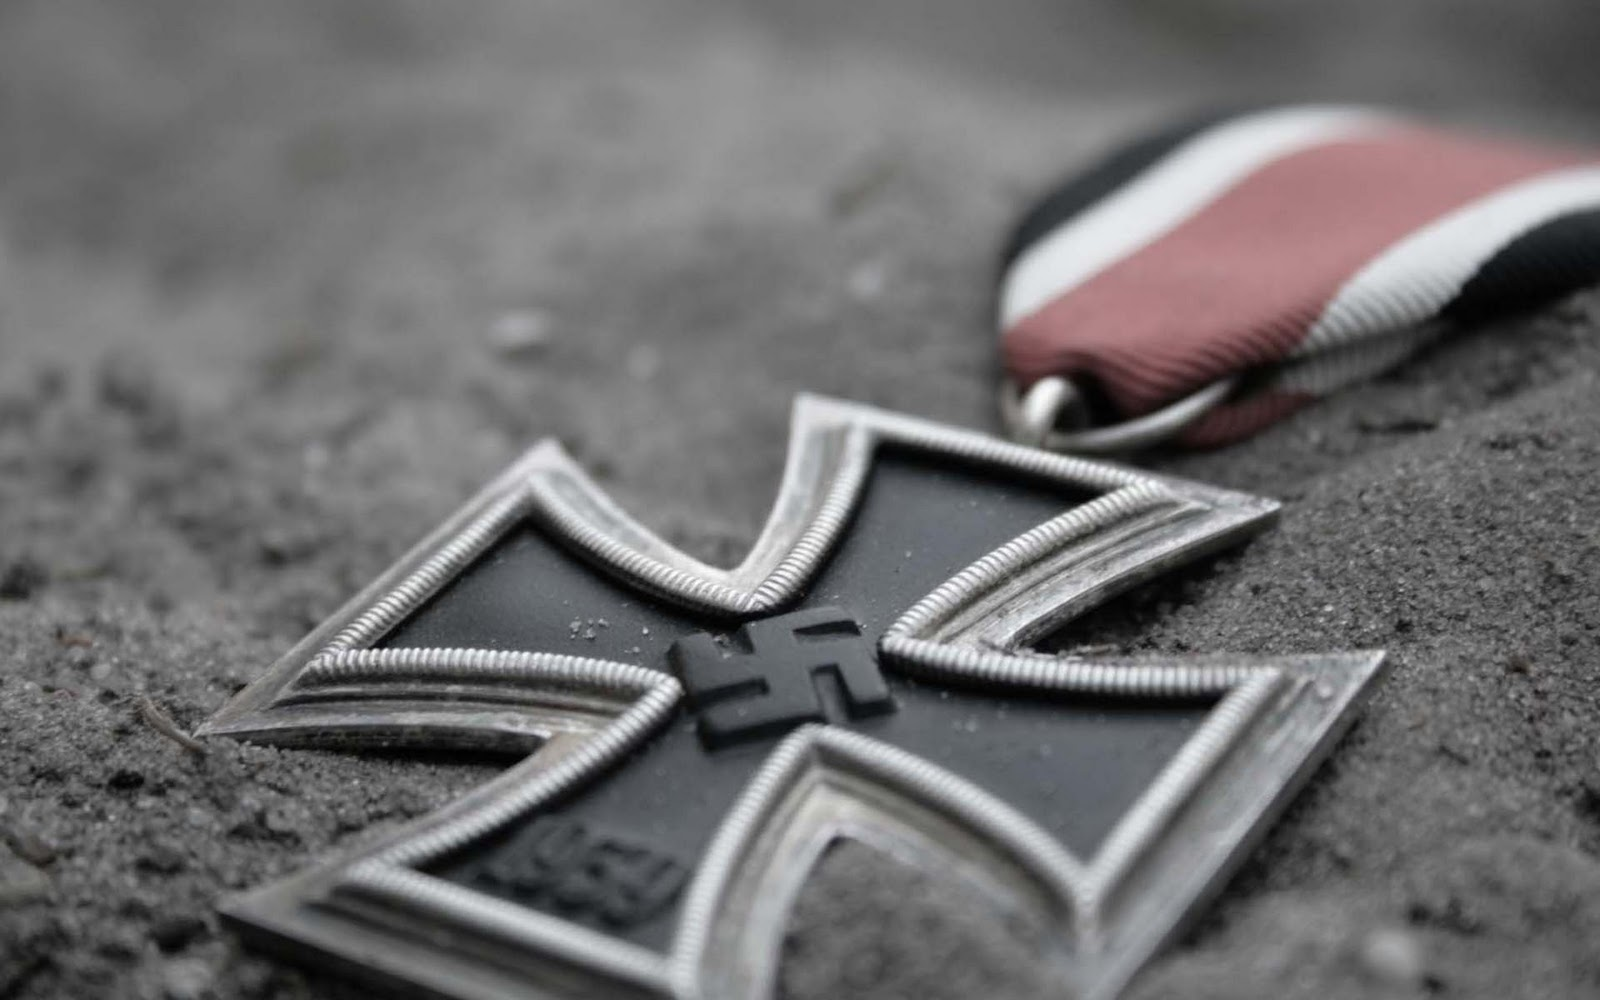 http://4.bp.blogspot.com/_HNBHgCgg_UY/TR_Xpc_kxdI/AAAAAAAAAUk/gpRZ1hQ5tpk/s1600/iron%2Bcross.jpg